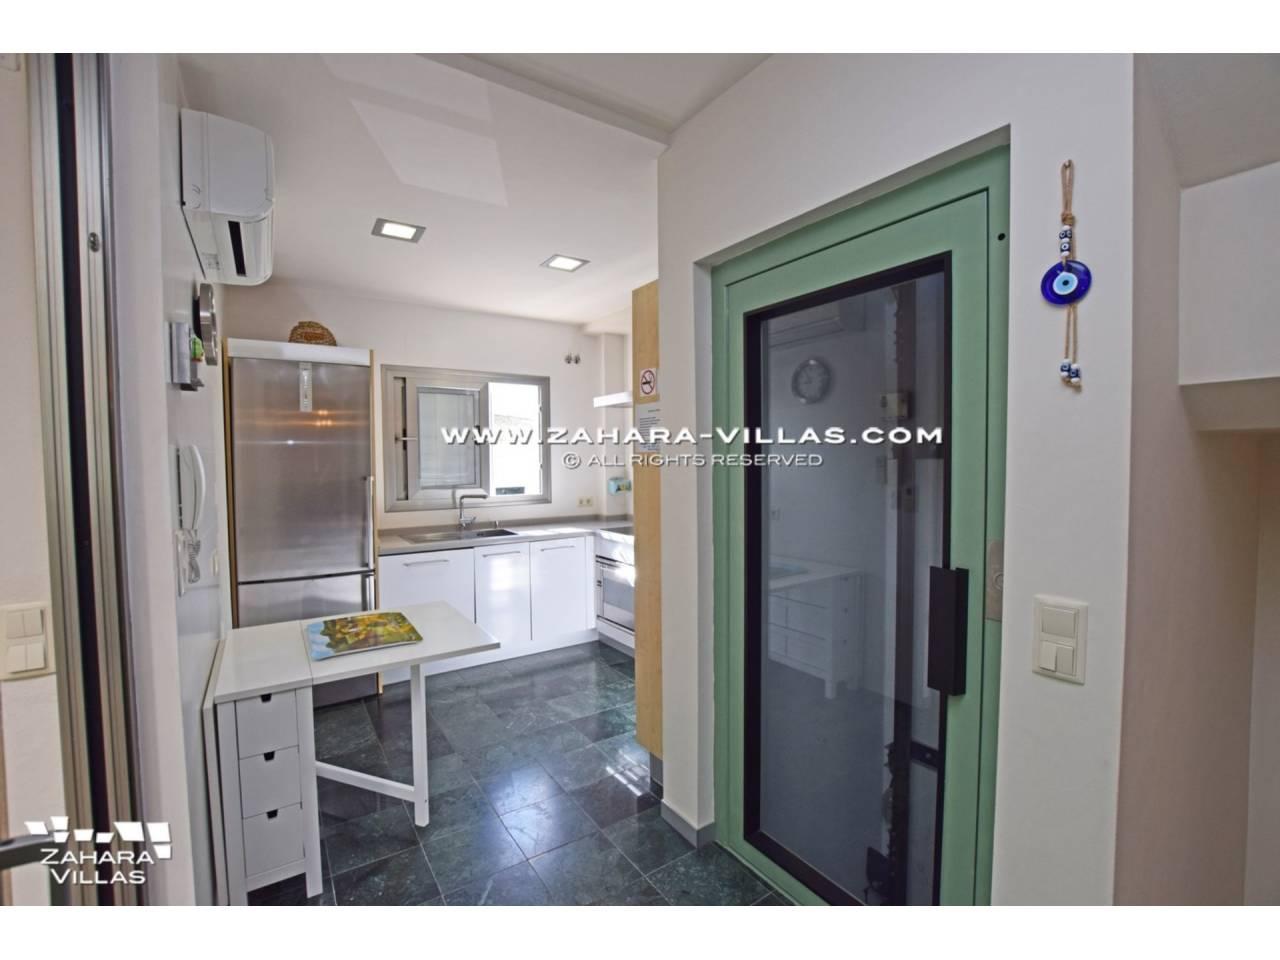 Imagen 26 de House for sale in Zahara de los Atunes